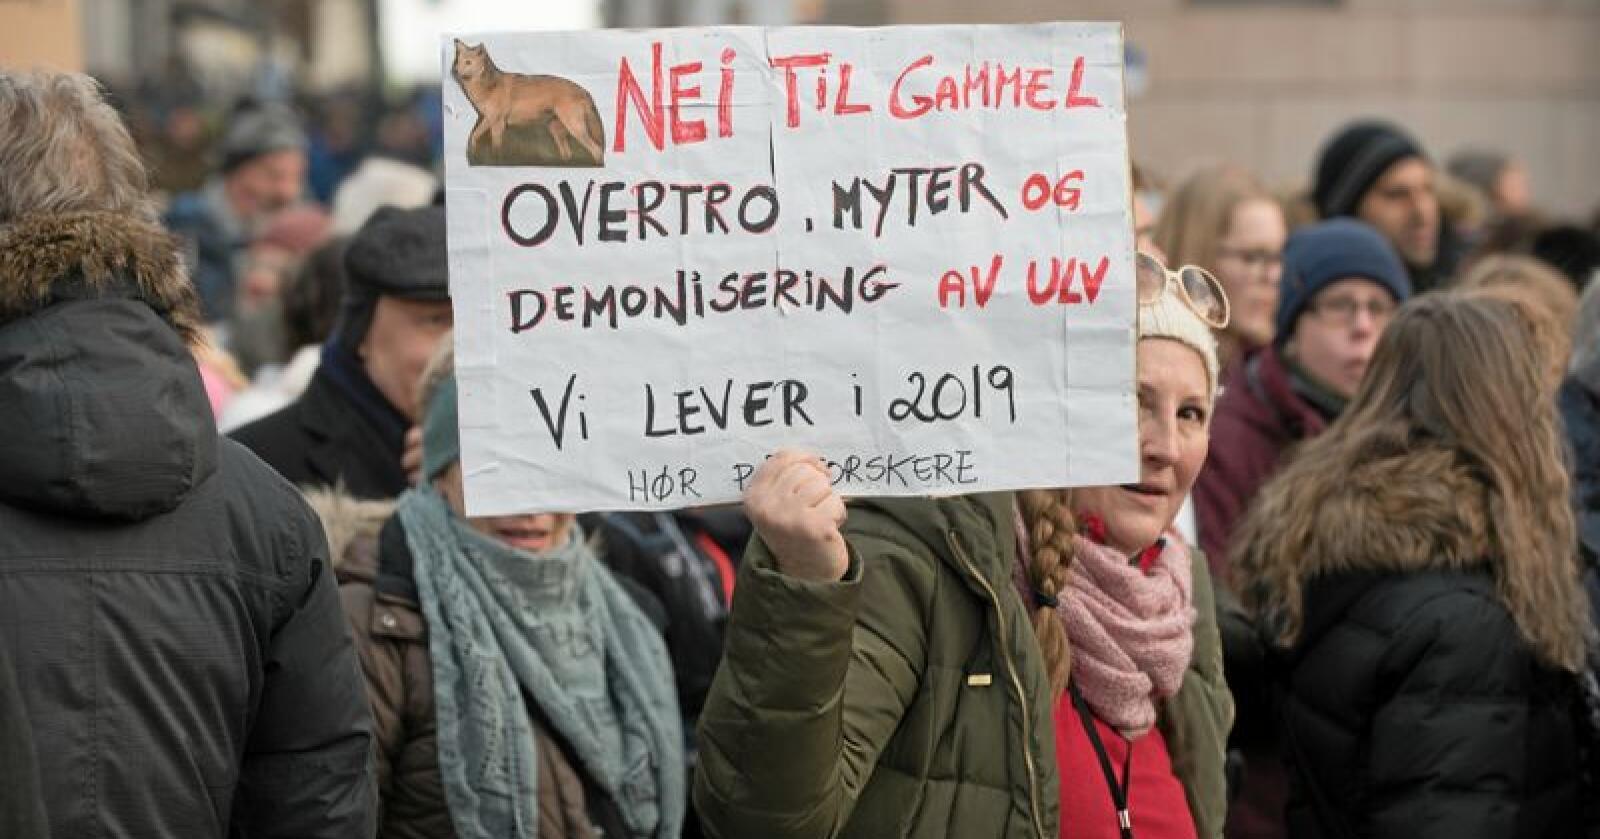 Pro ulv: Demonstrasjon for ulv utenfor Stortinget. Foto: Vidar Sandnes